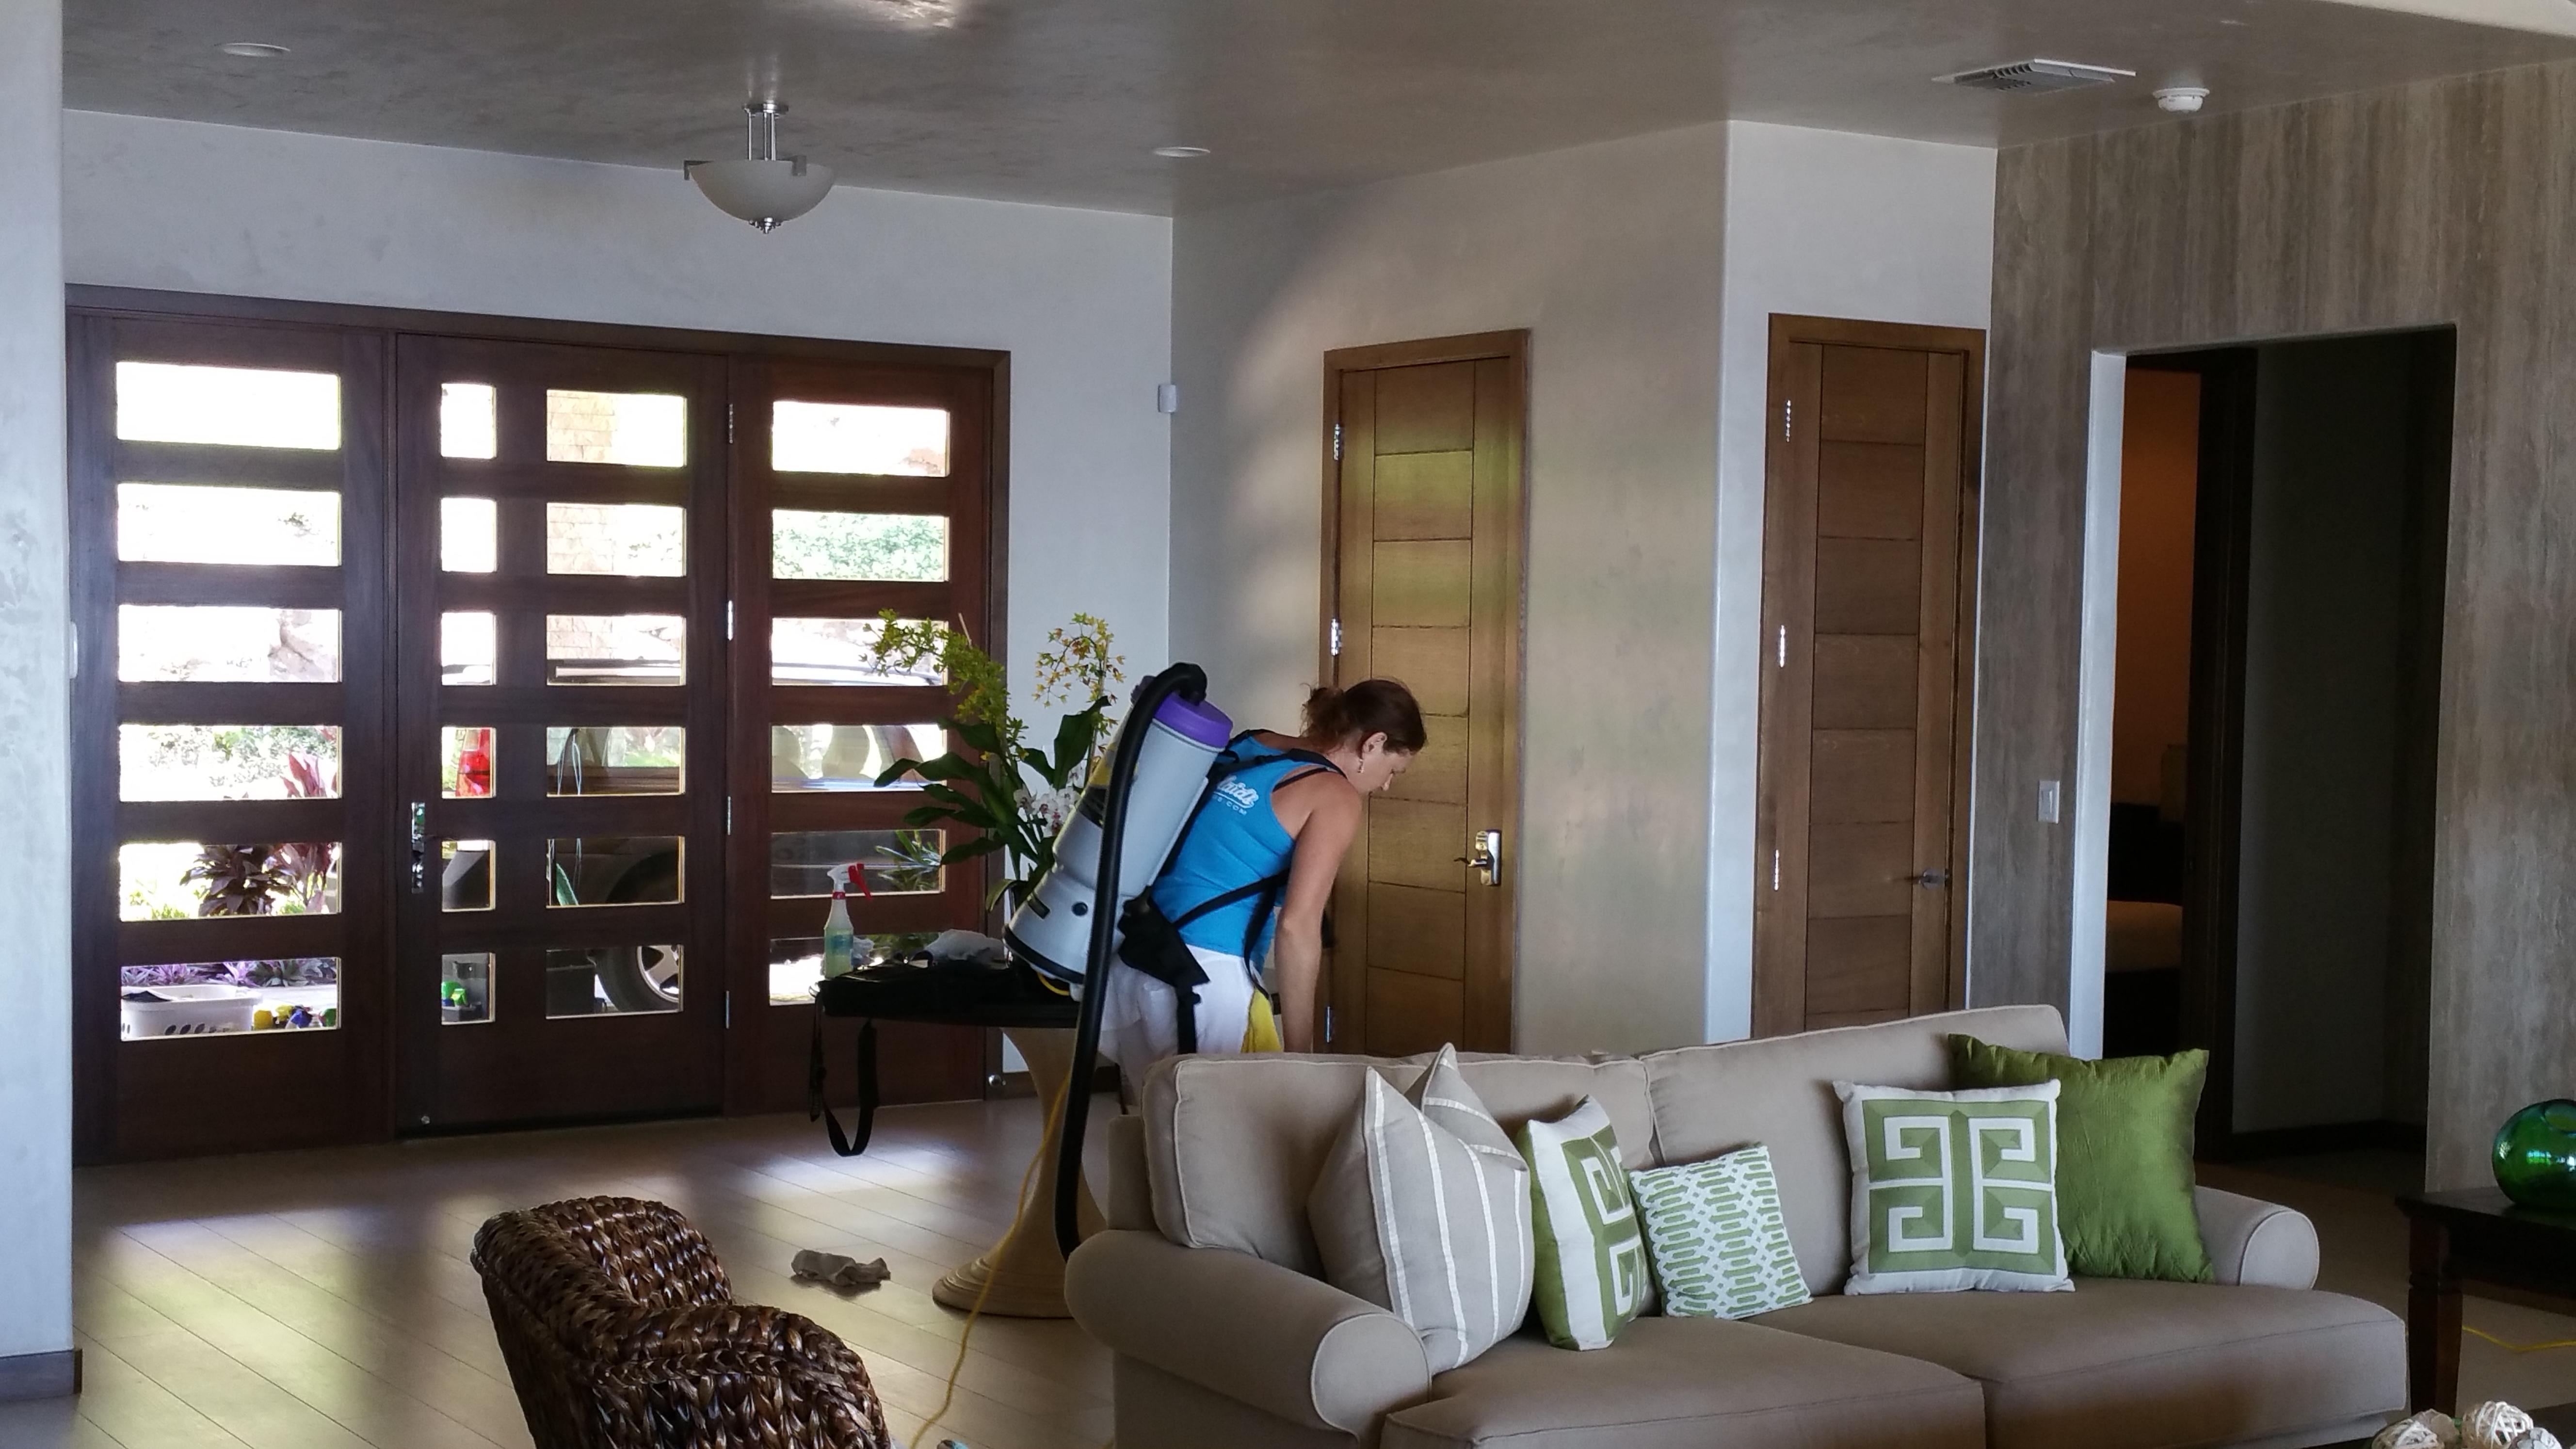 Hula maids house cleaning service maui hi hula maids for House detailing